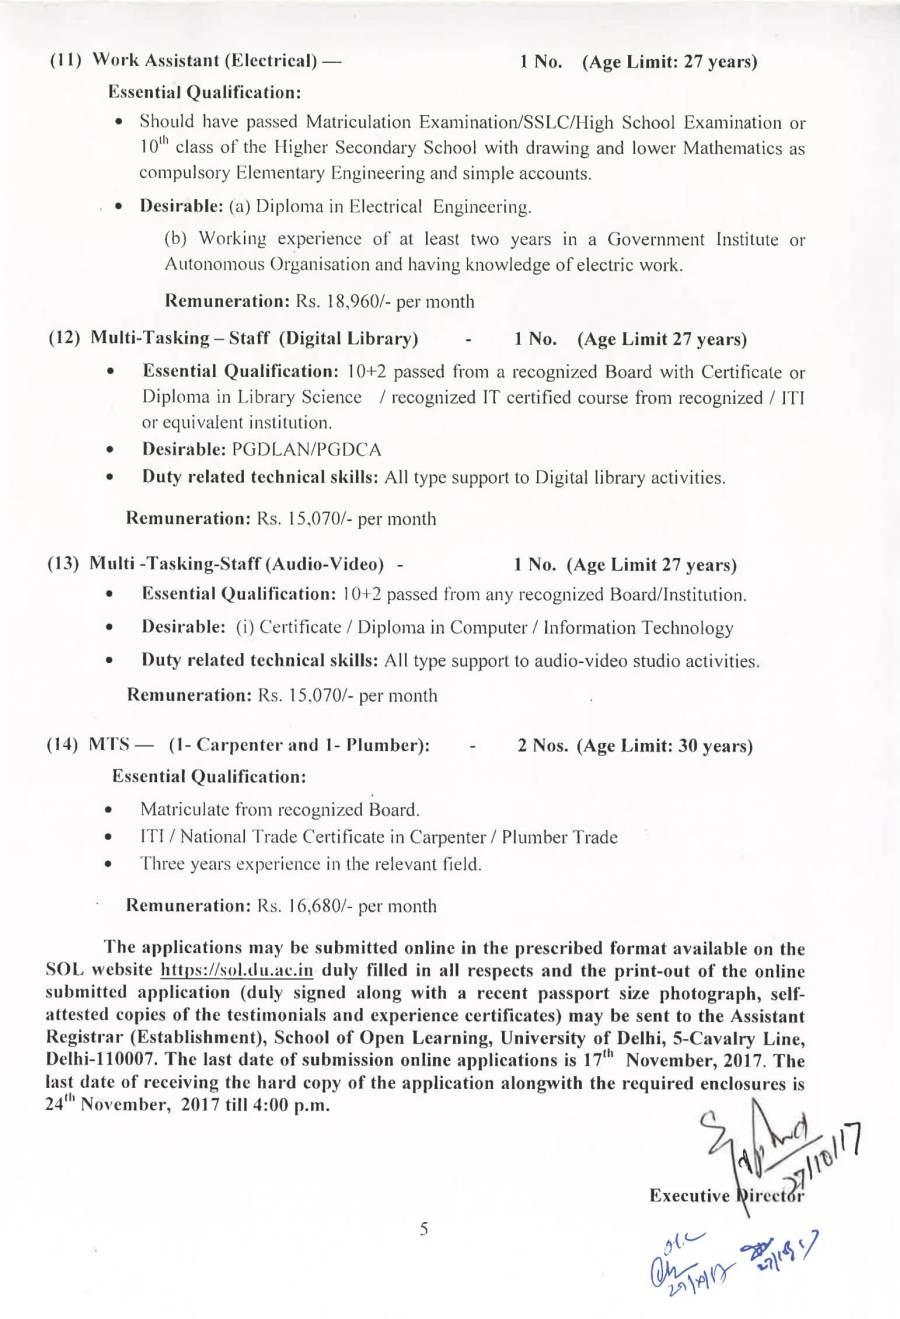 868_Vacancies_Advertisement for Contractual Post of ICT-2017-5.jpg